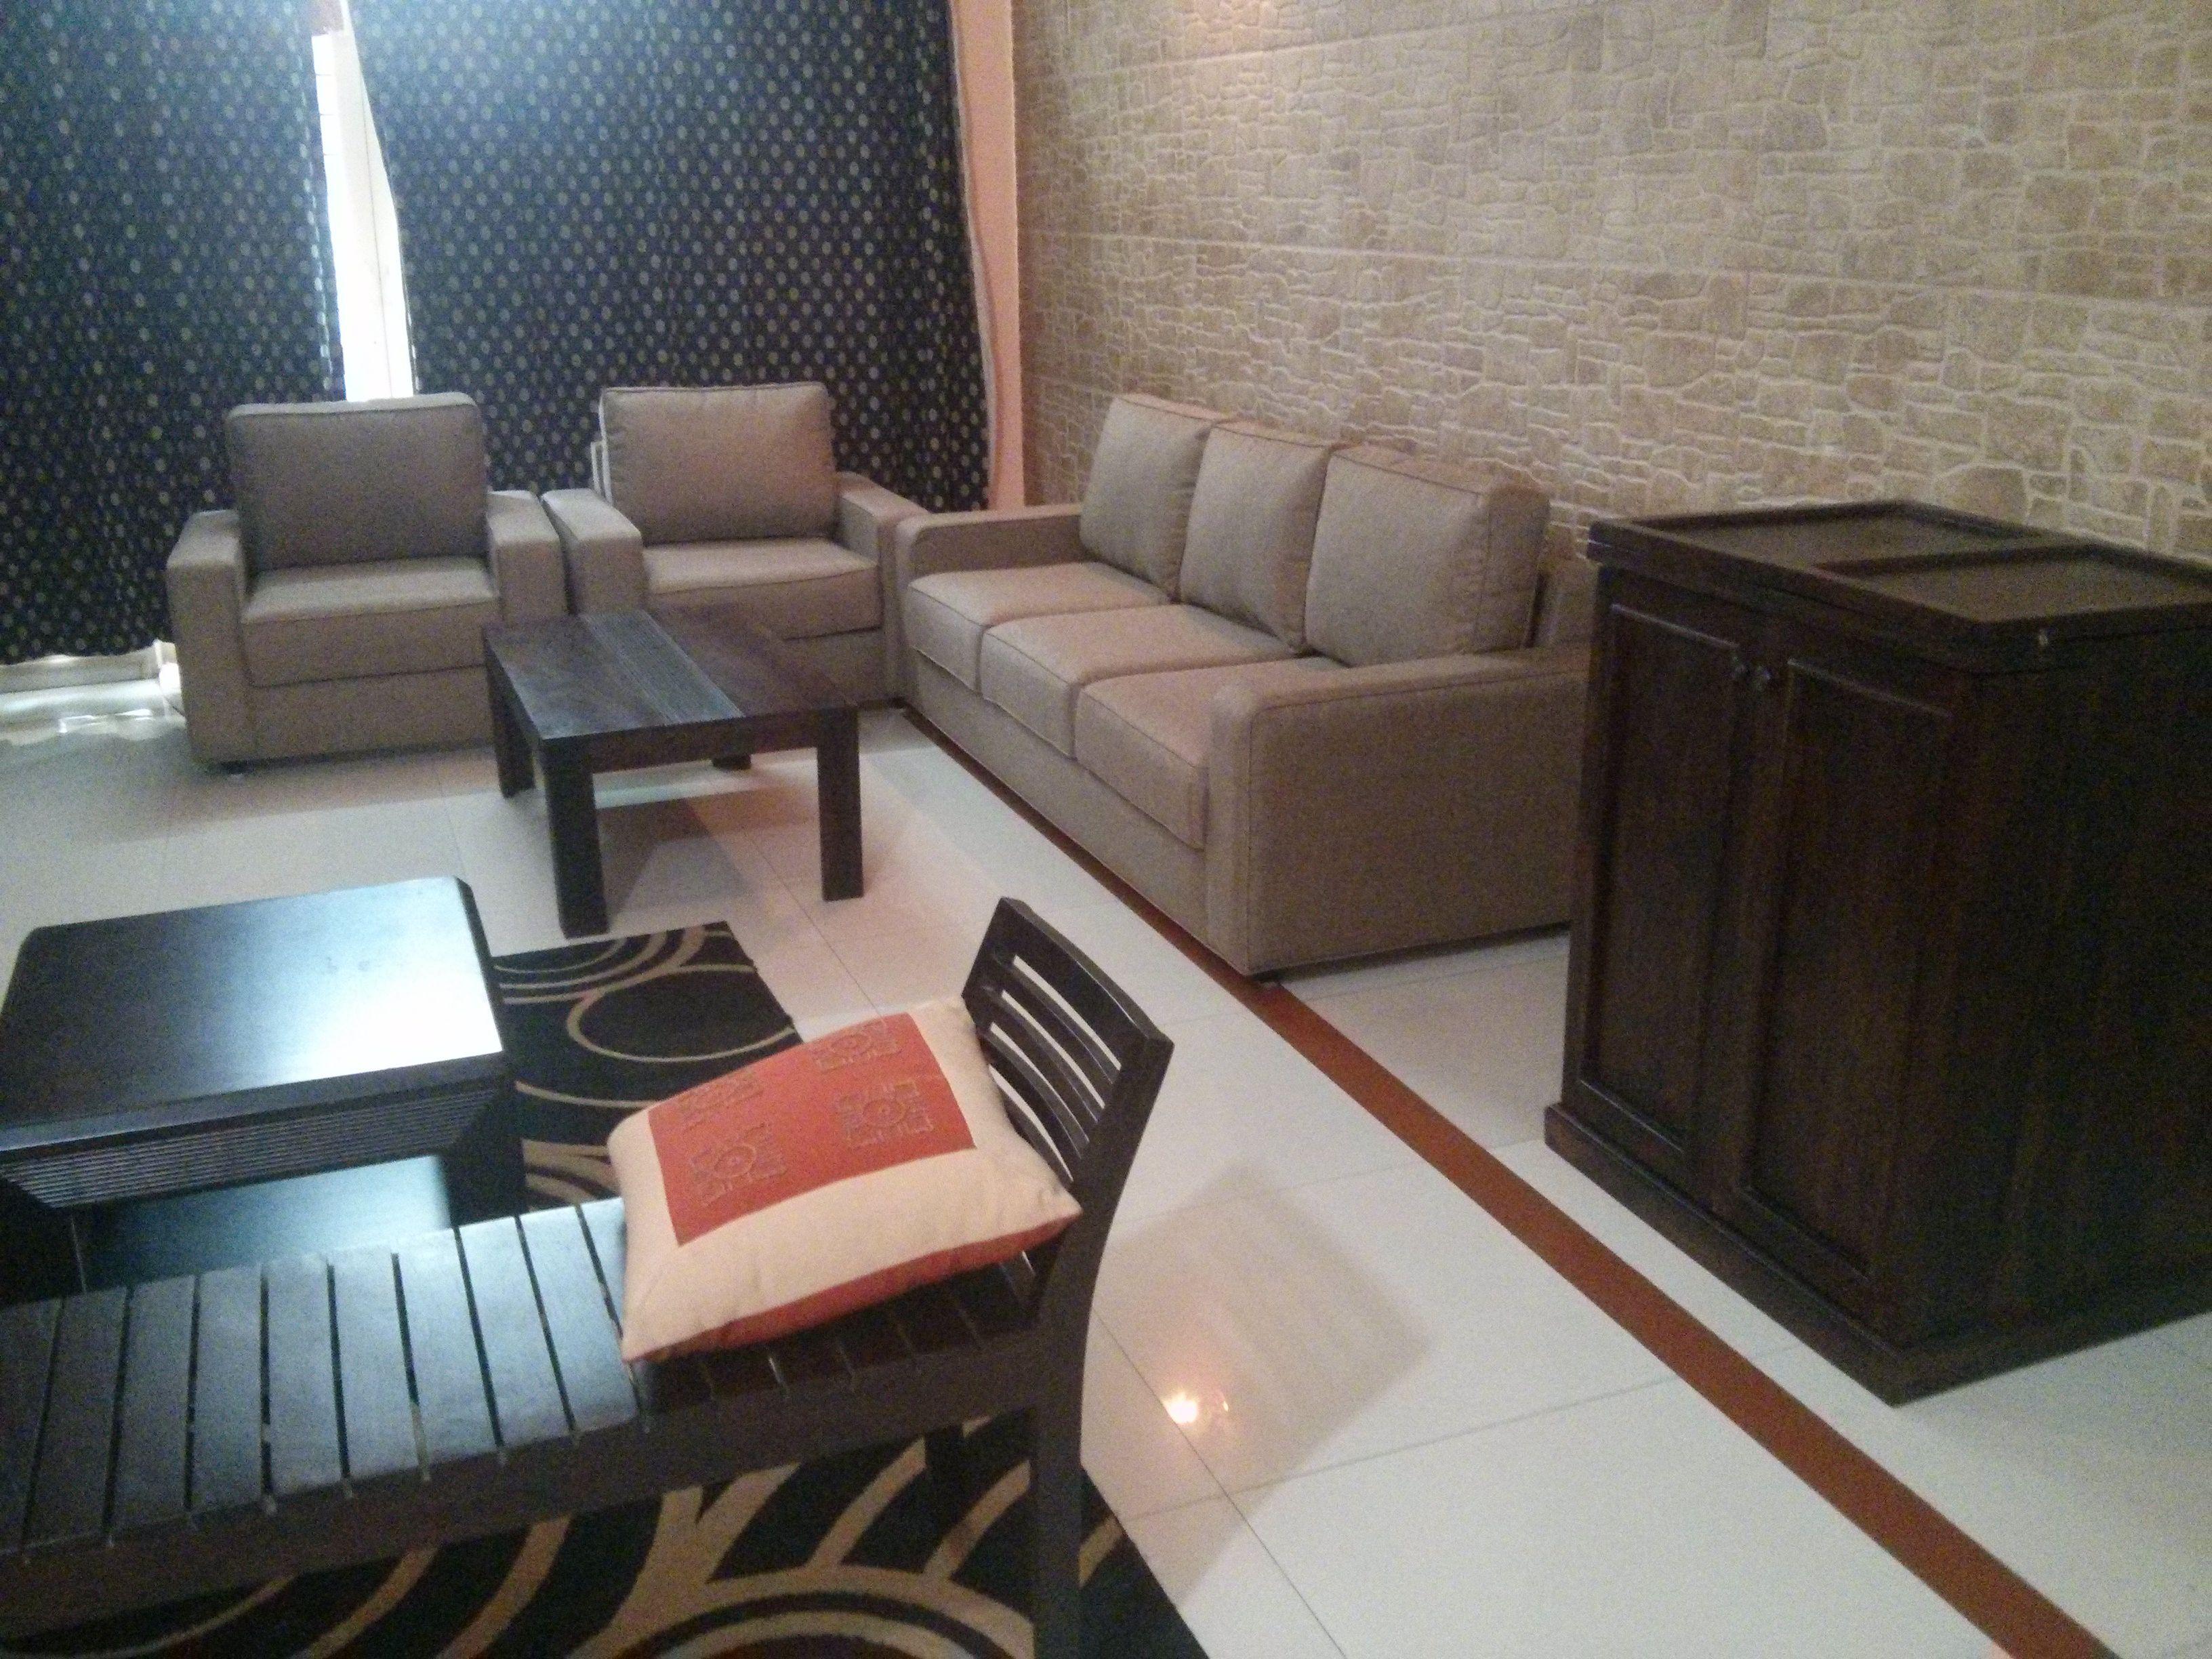 The Apollo Sofa testimonials